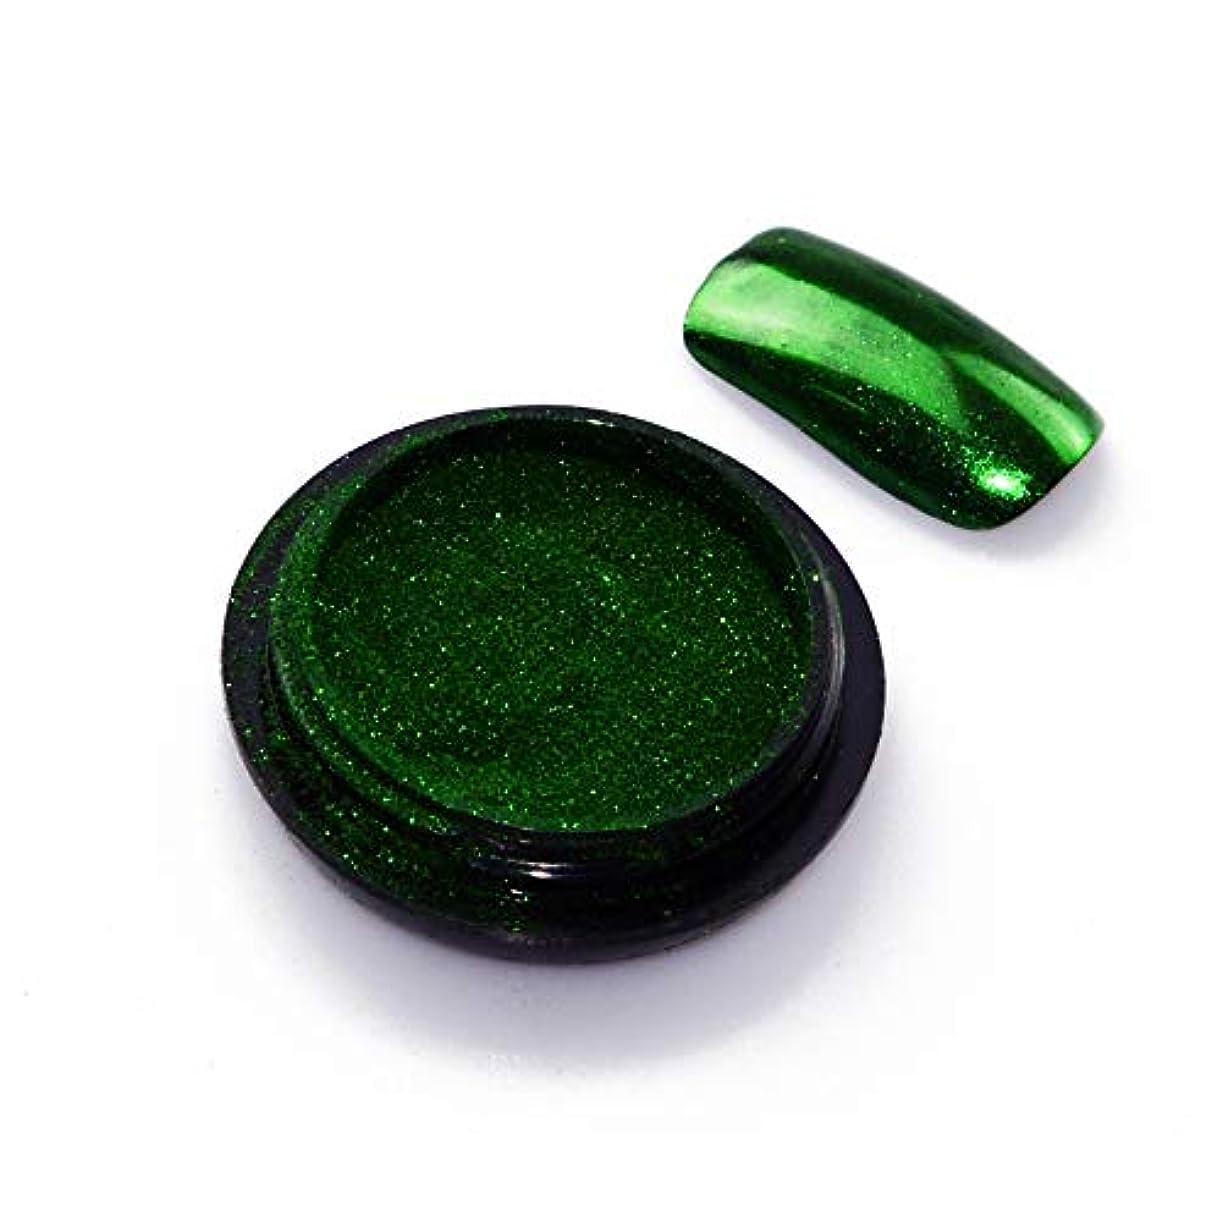 生息地タップ植物学Artlalic 1瓶マジックパウダーミラー効果クロームネイルパウダーメタリックネイルマニキュア顔料